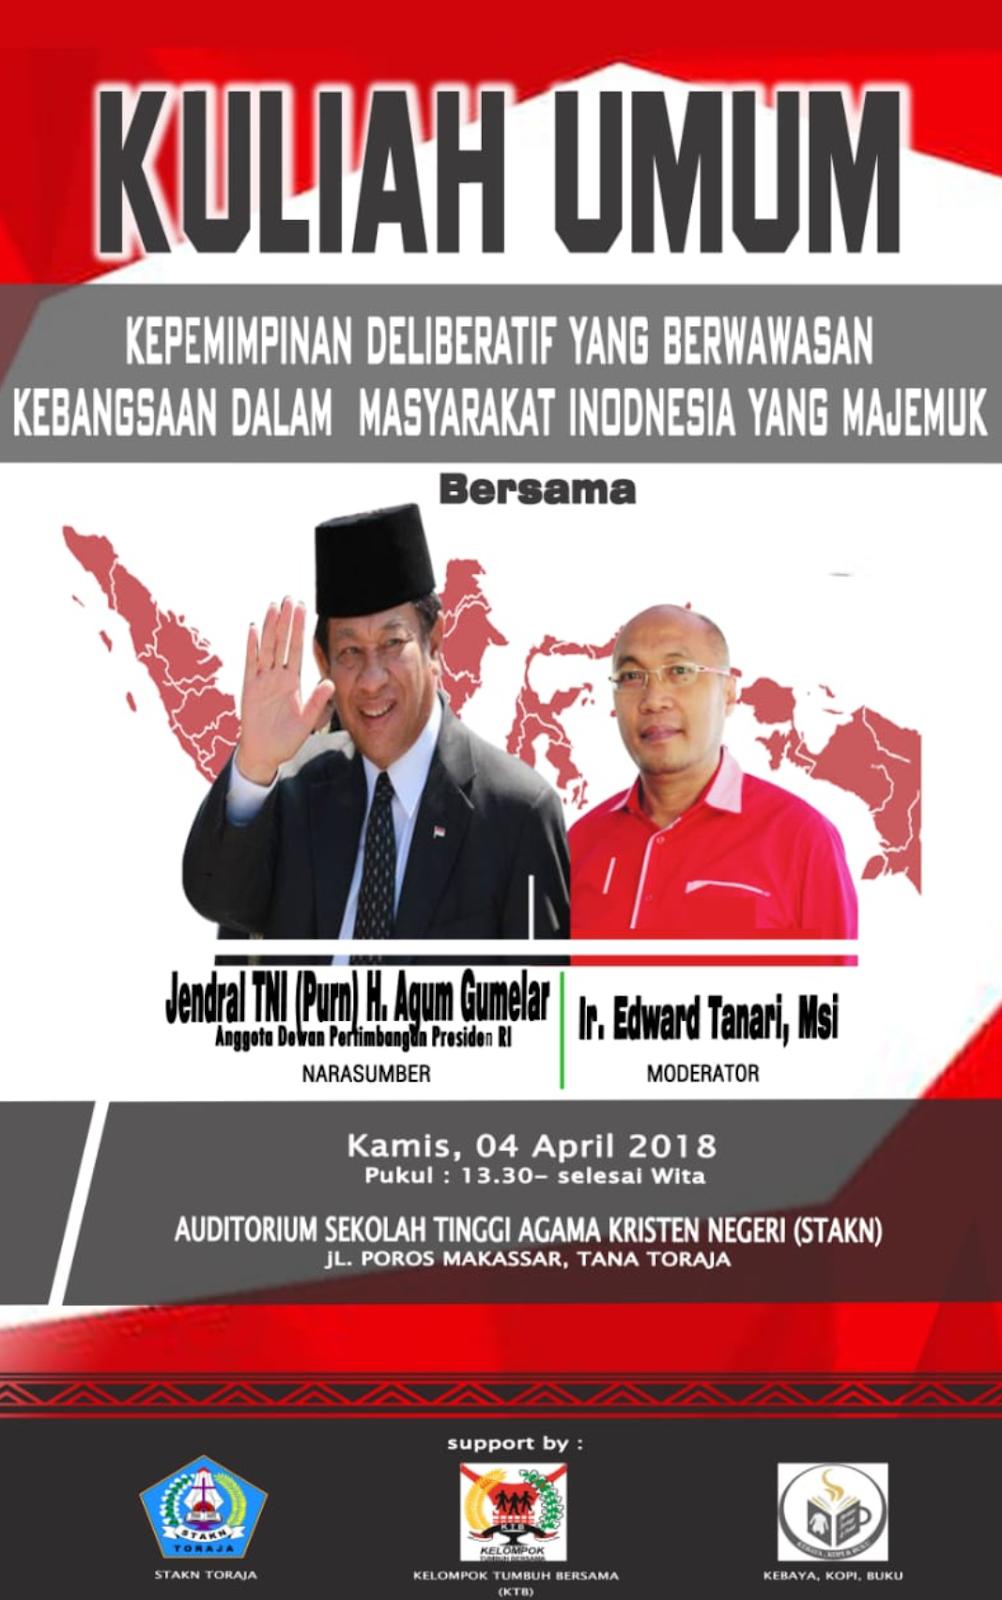 Bersama Edward, Jenderal Agum Gumelar Bedah Buku di STAKN Toraja